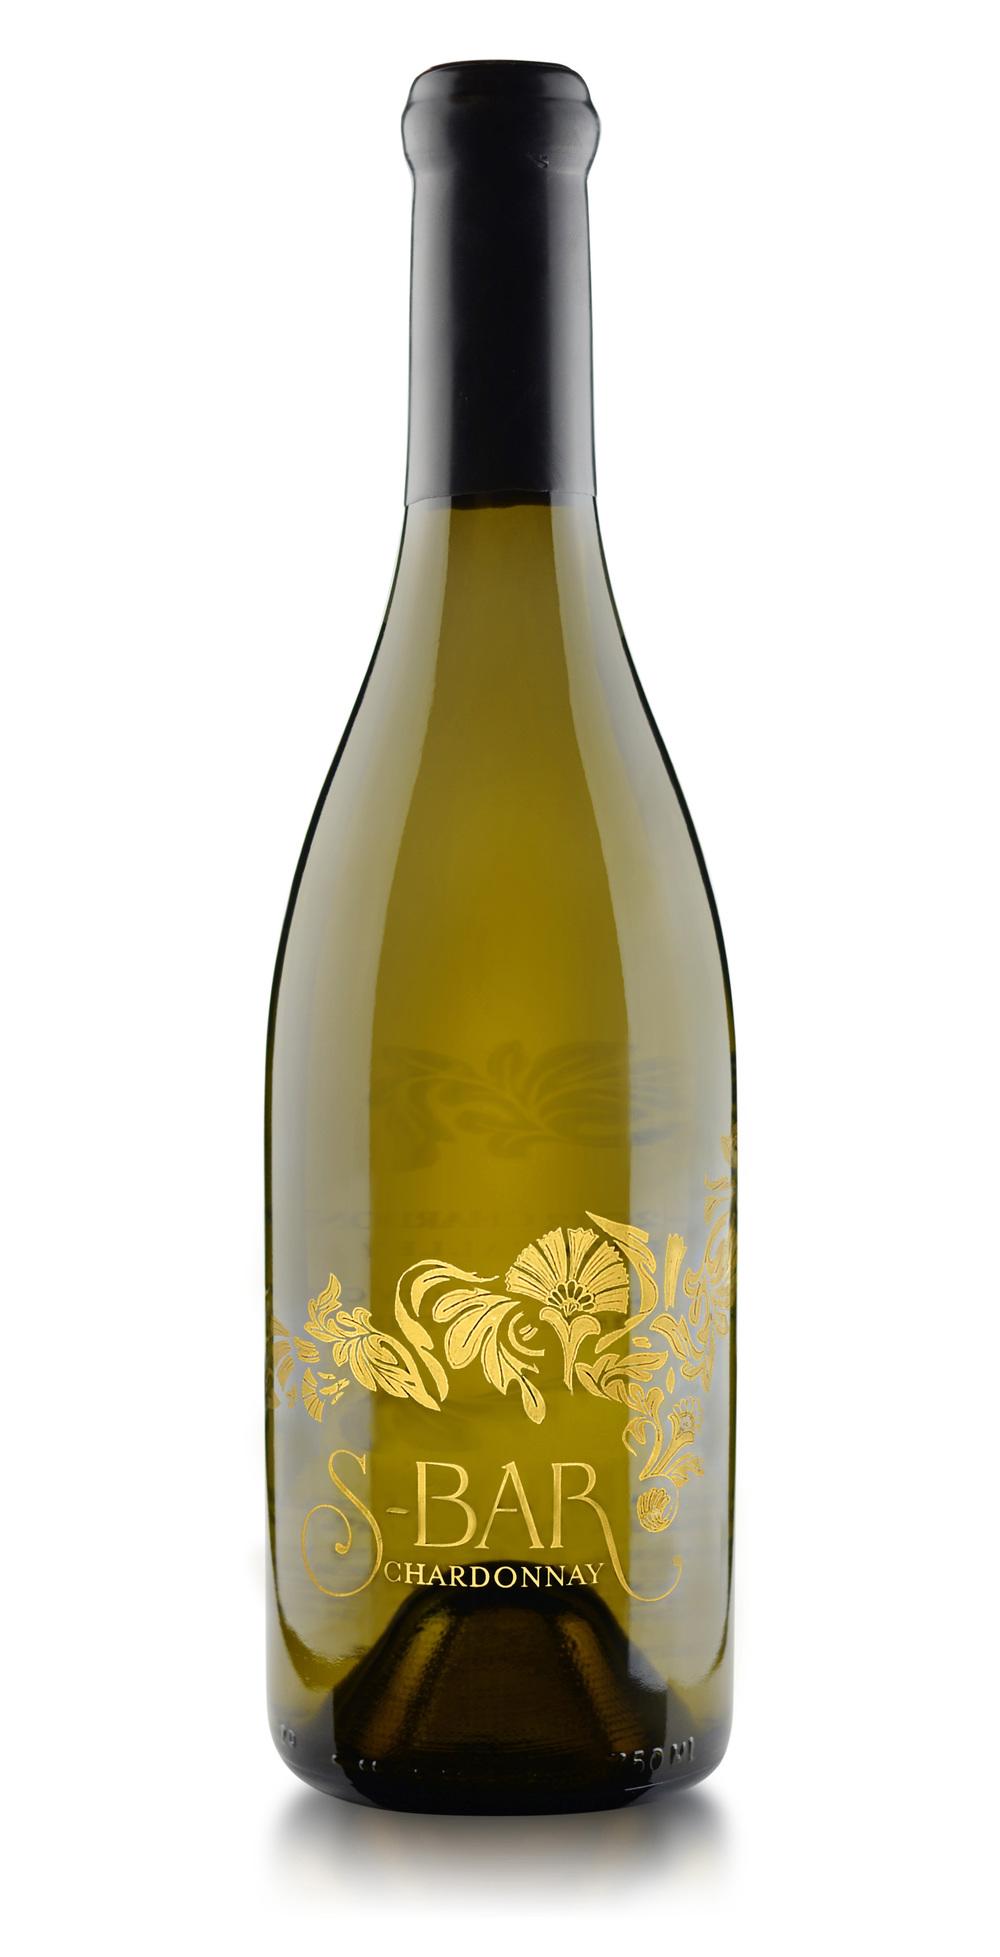 2012-sbar-chardonnay copy.jpg